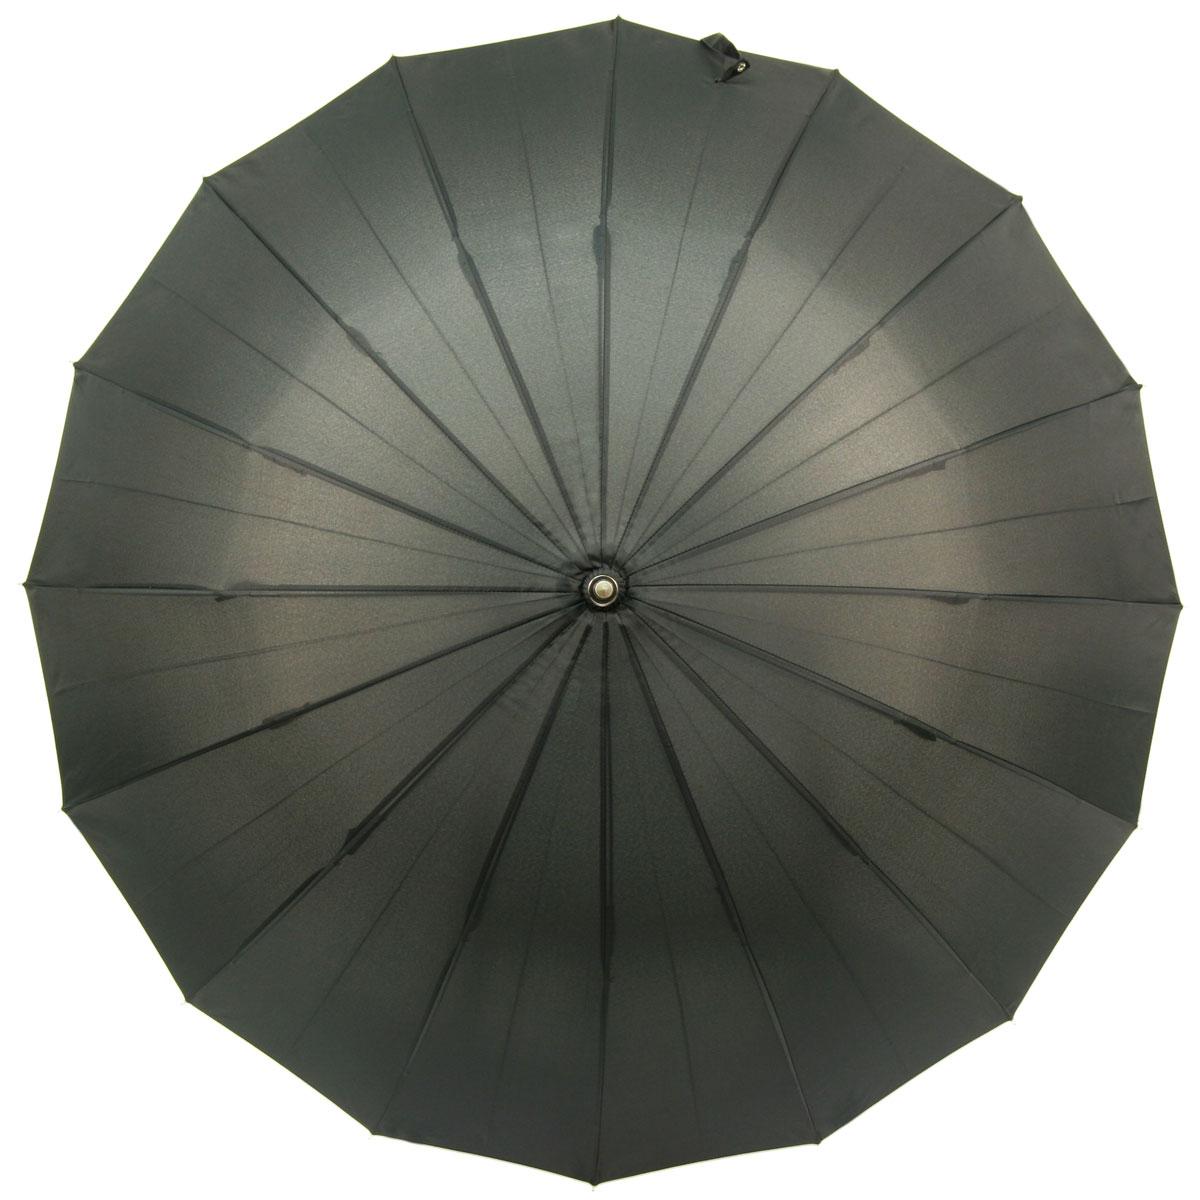 暁(akatsuki) 16本骨傘 軽量アルミシャフト仕様ウッドハンドル ダークモス (濃緑) リングタッセル付 a06772 <34137>